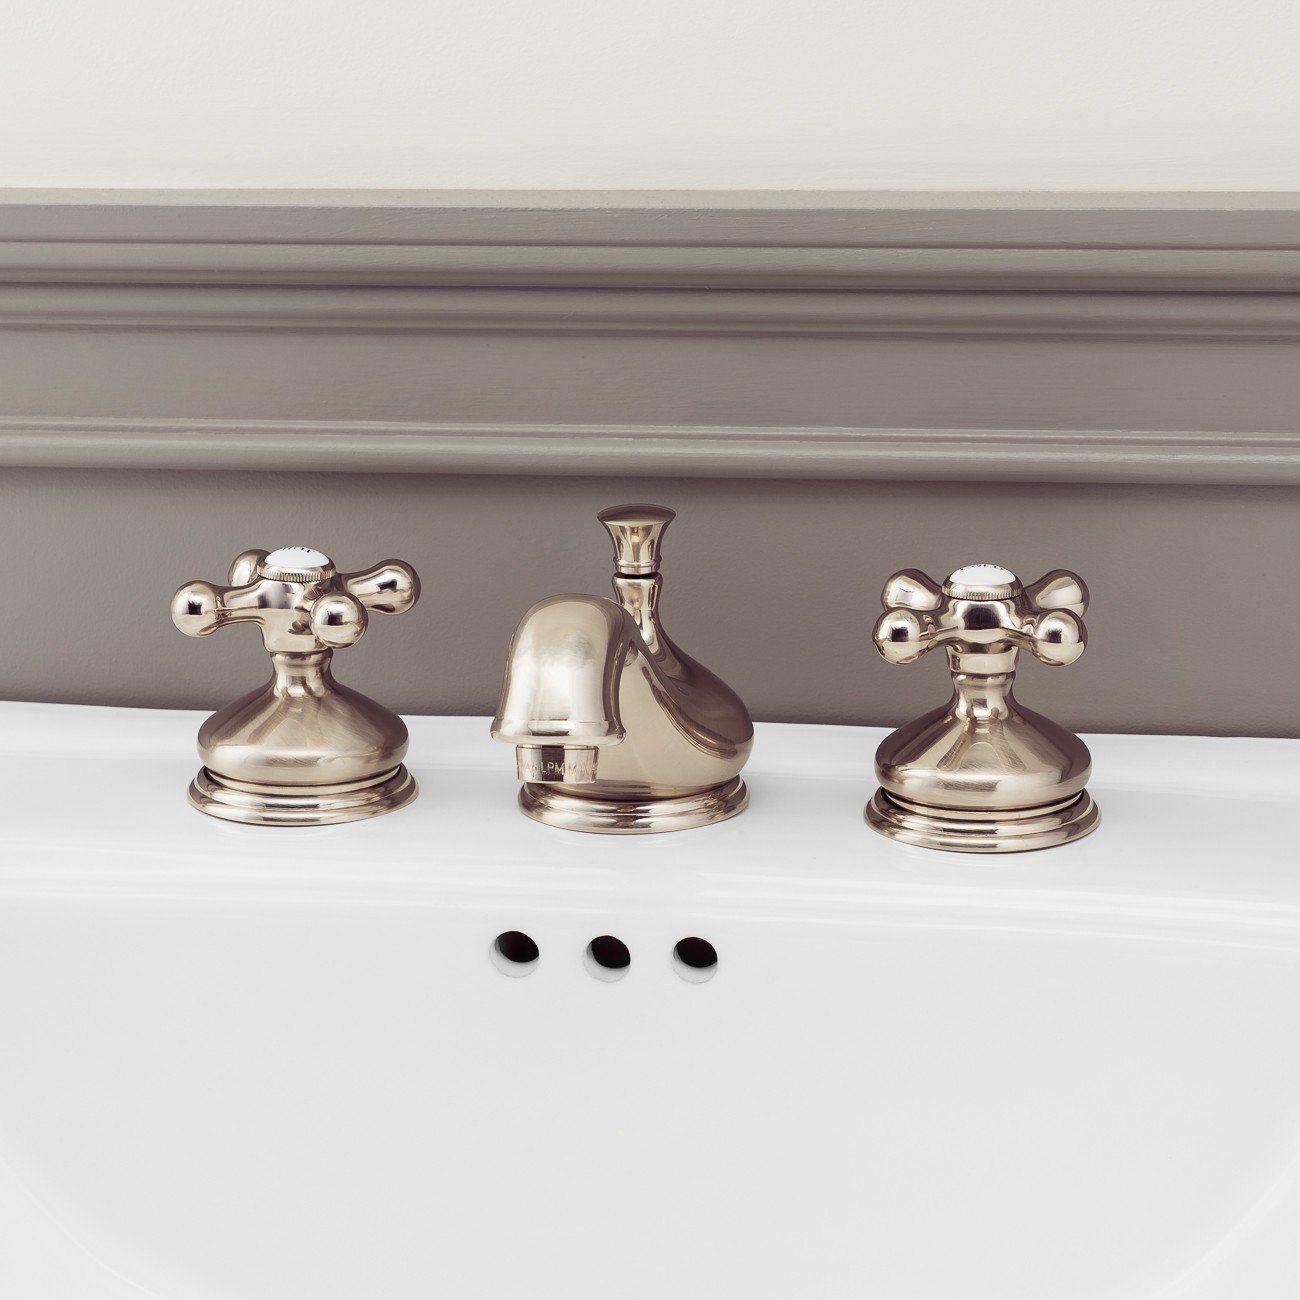 Teapot Widespread Bathroom Sink Faucet Metal Cross Handles Faucet Bathroom Faucets Metal Cross [ 1300 x 1300 Pixel ]